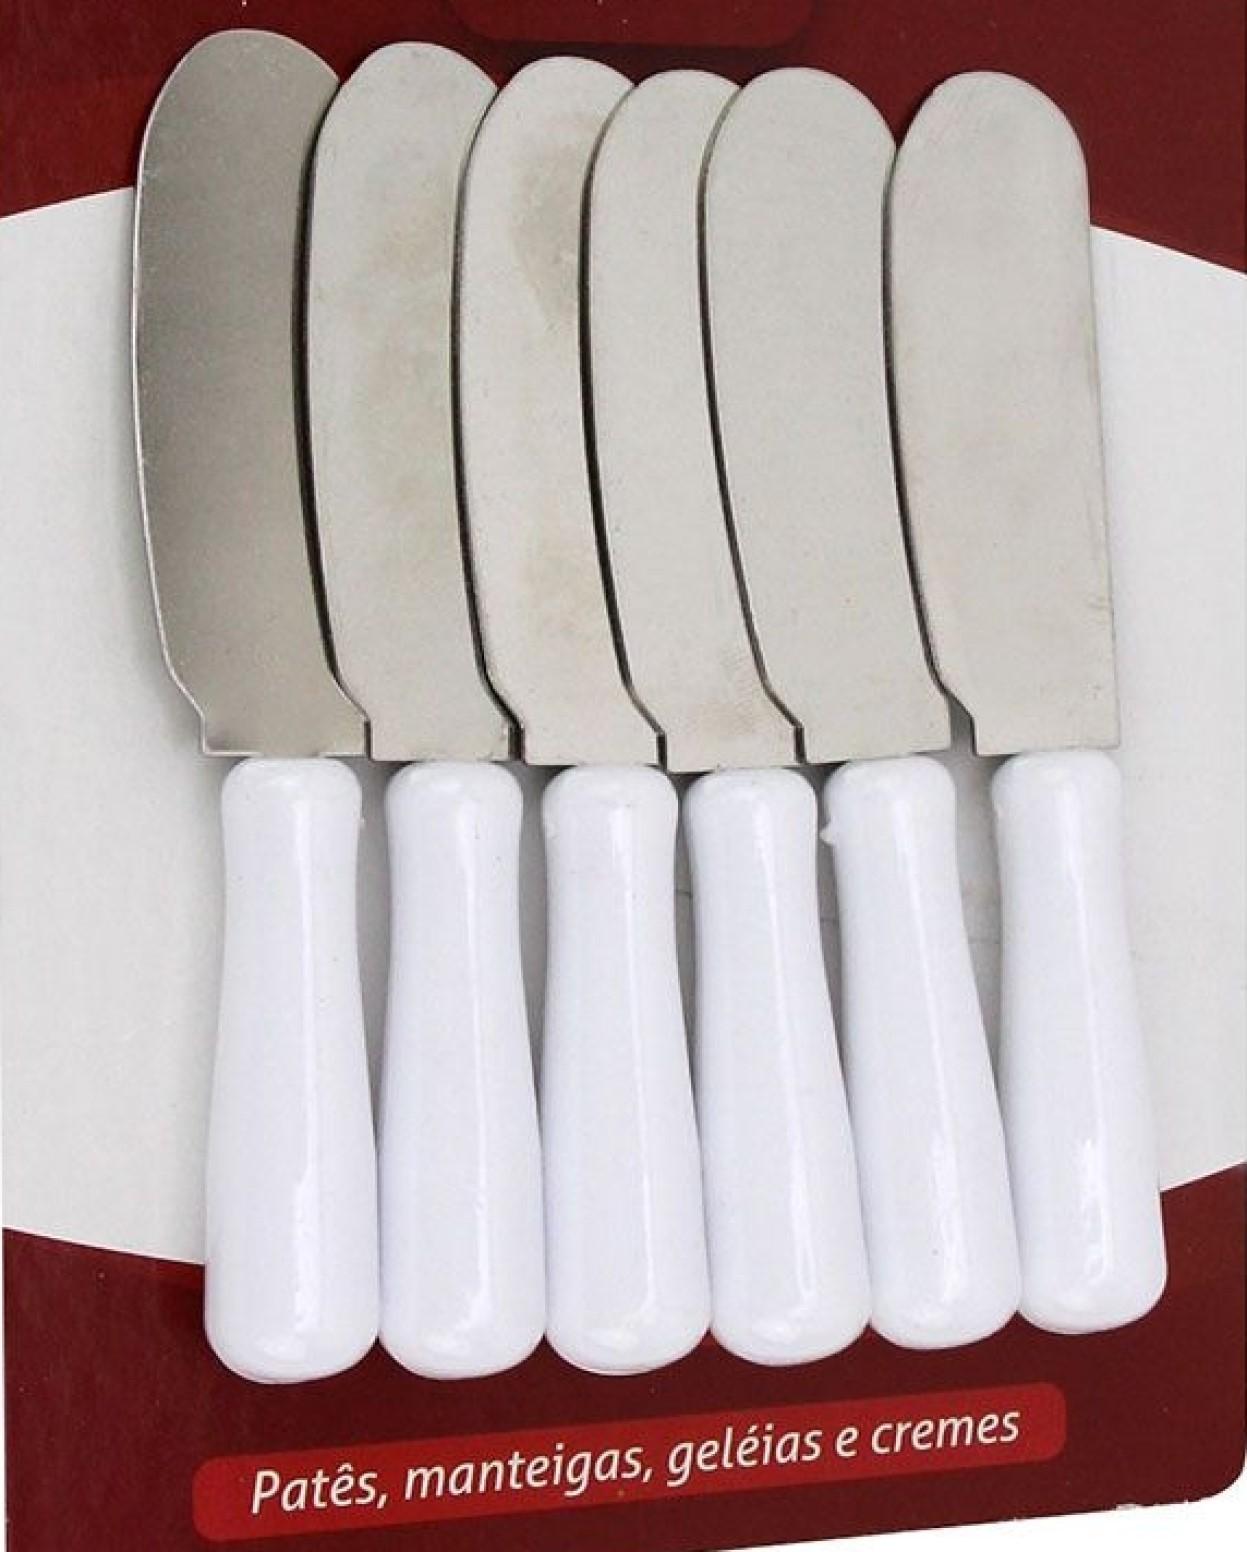 espátula para servir patê manteiga geleia café kit 6 unidades10cm branca